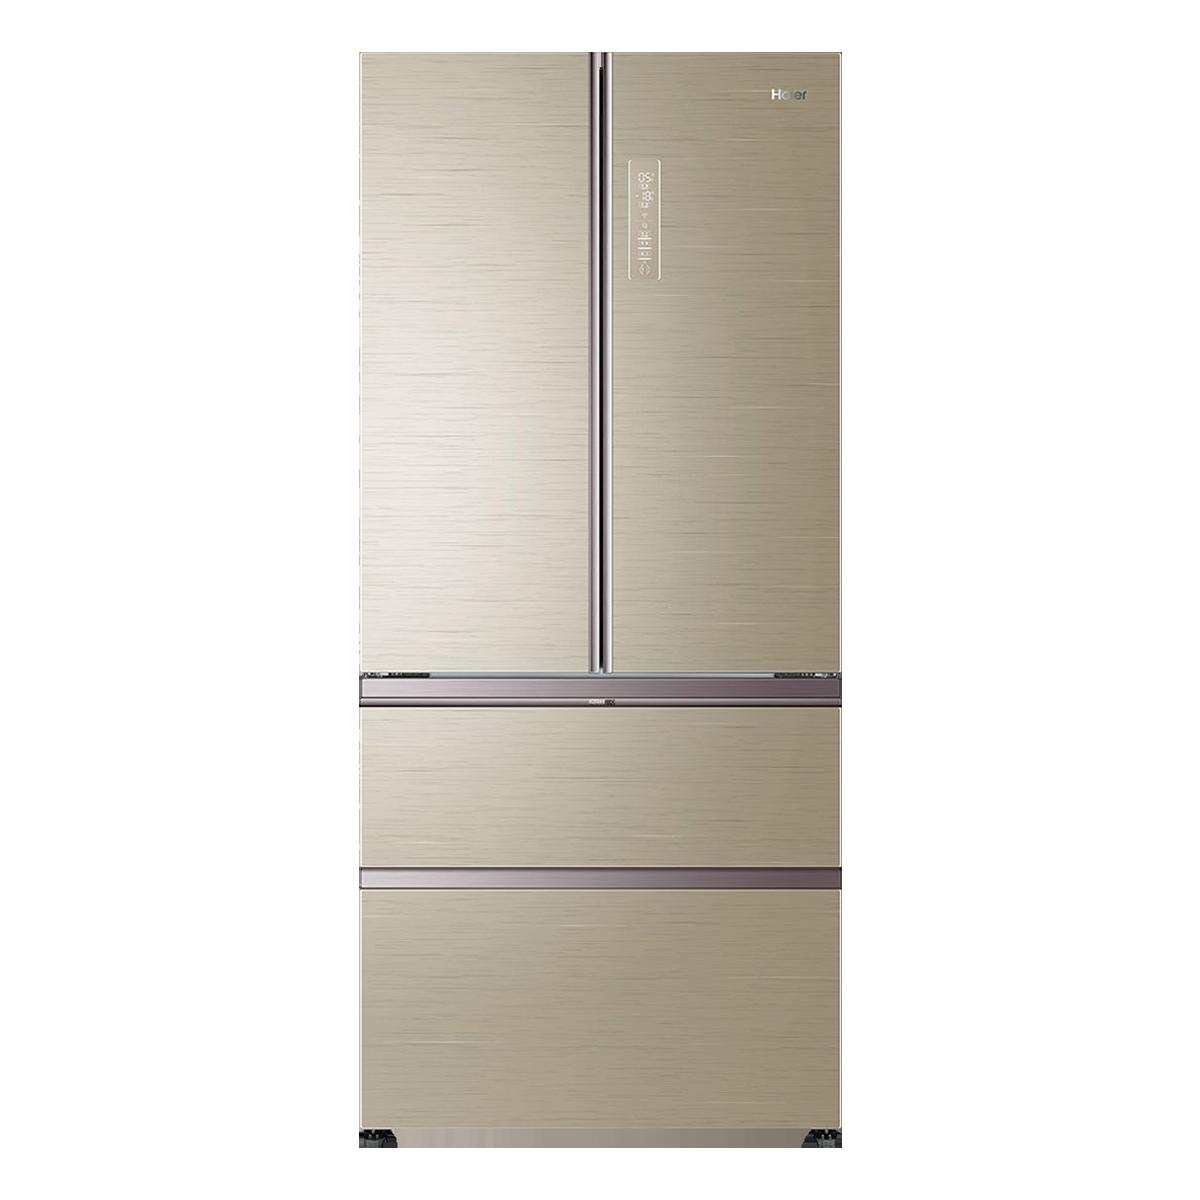 海尔Haier冰箱 BCD-557WDGSU1 说明书